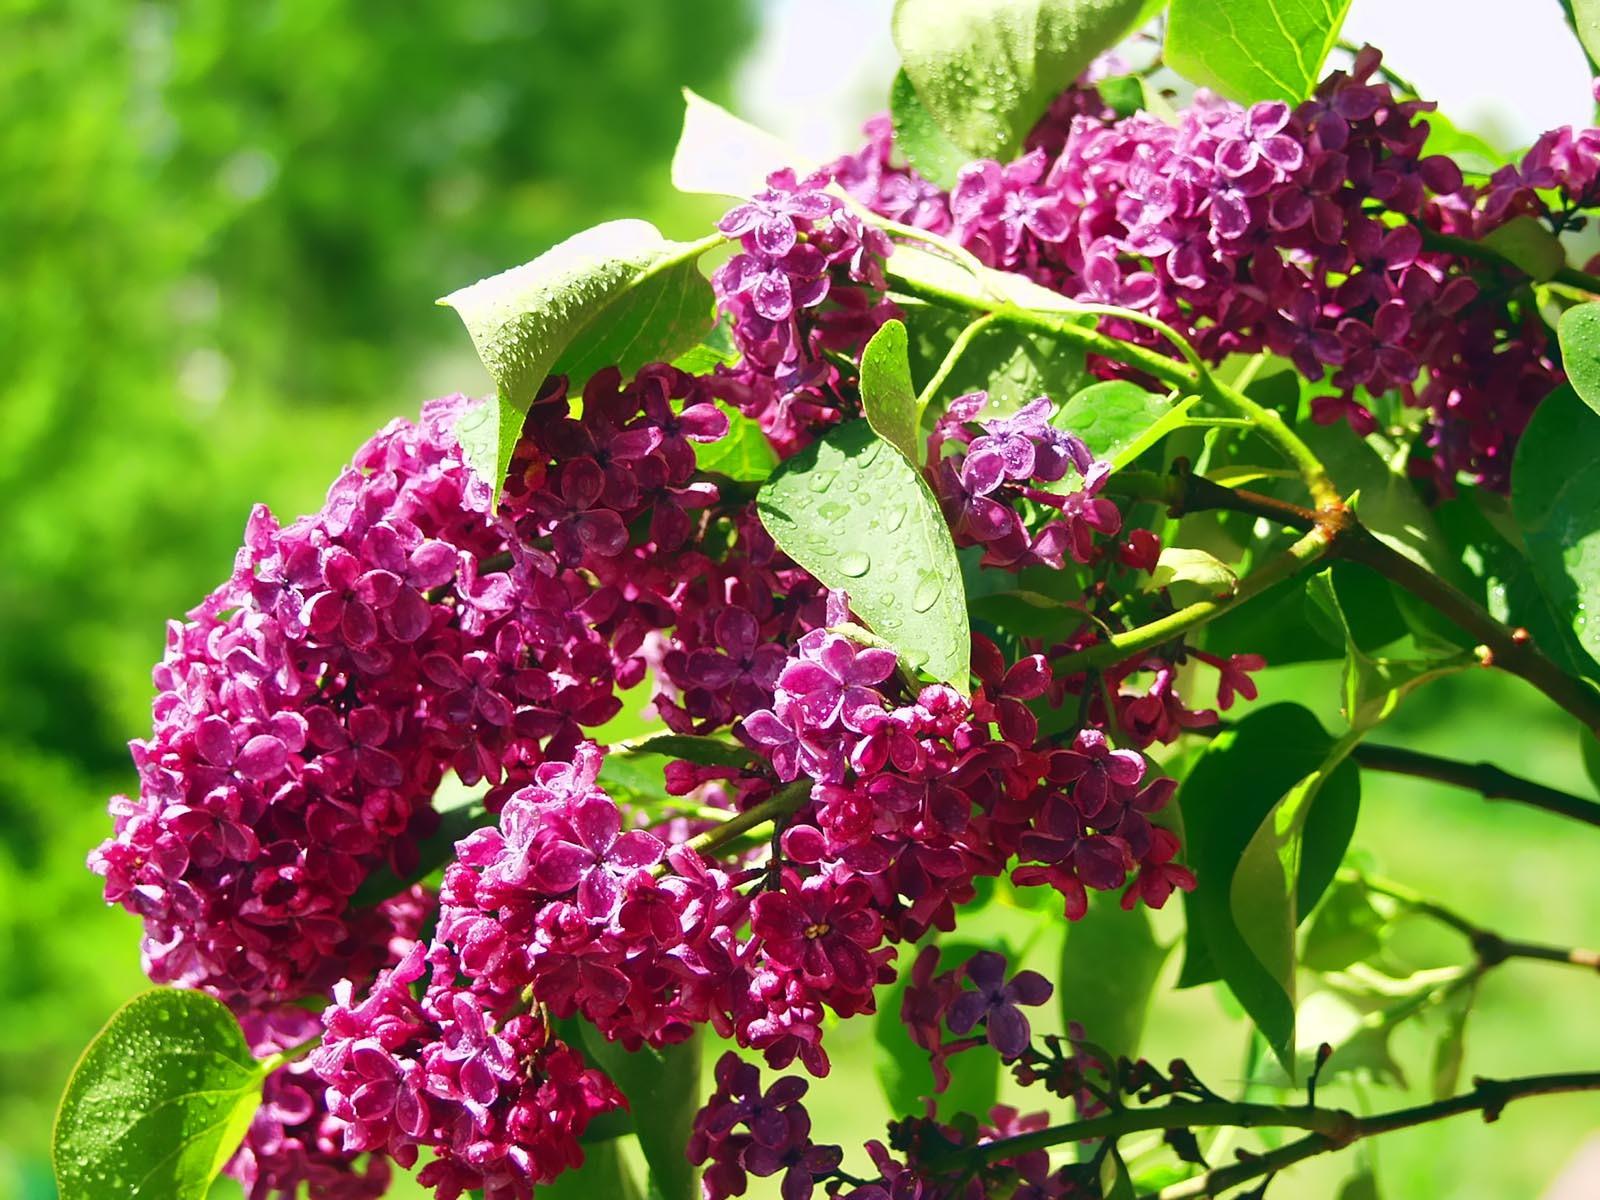 10638 скачать обои Растения, Цветы, Сирень - заставки и картинки бесплатно